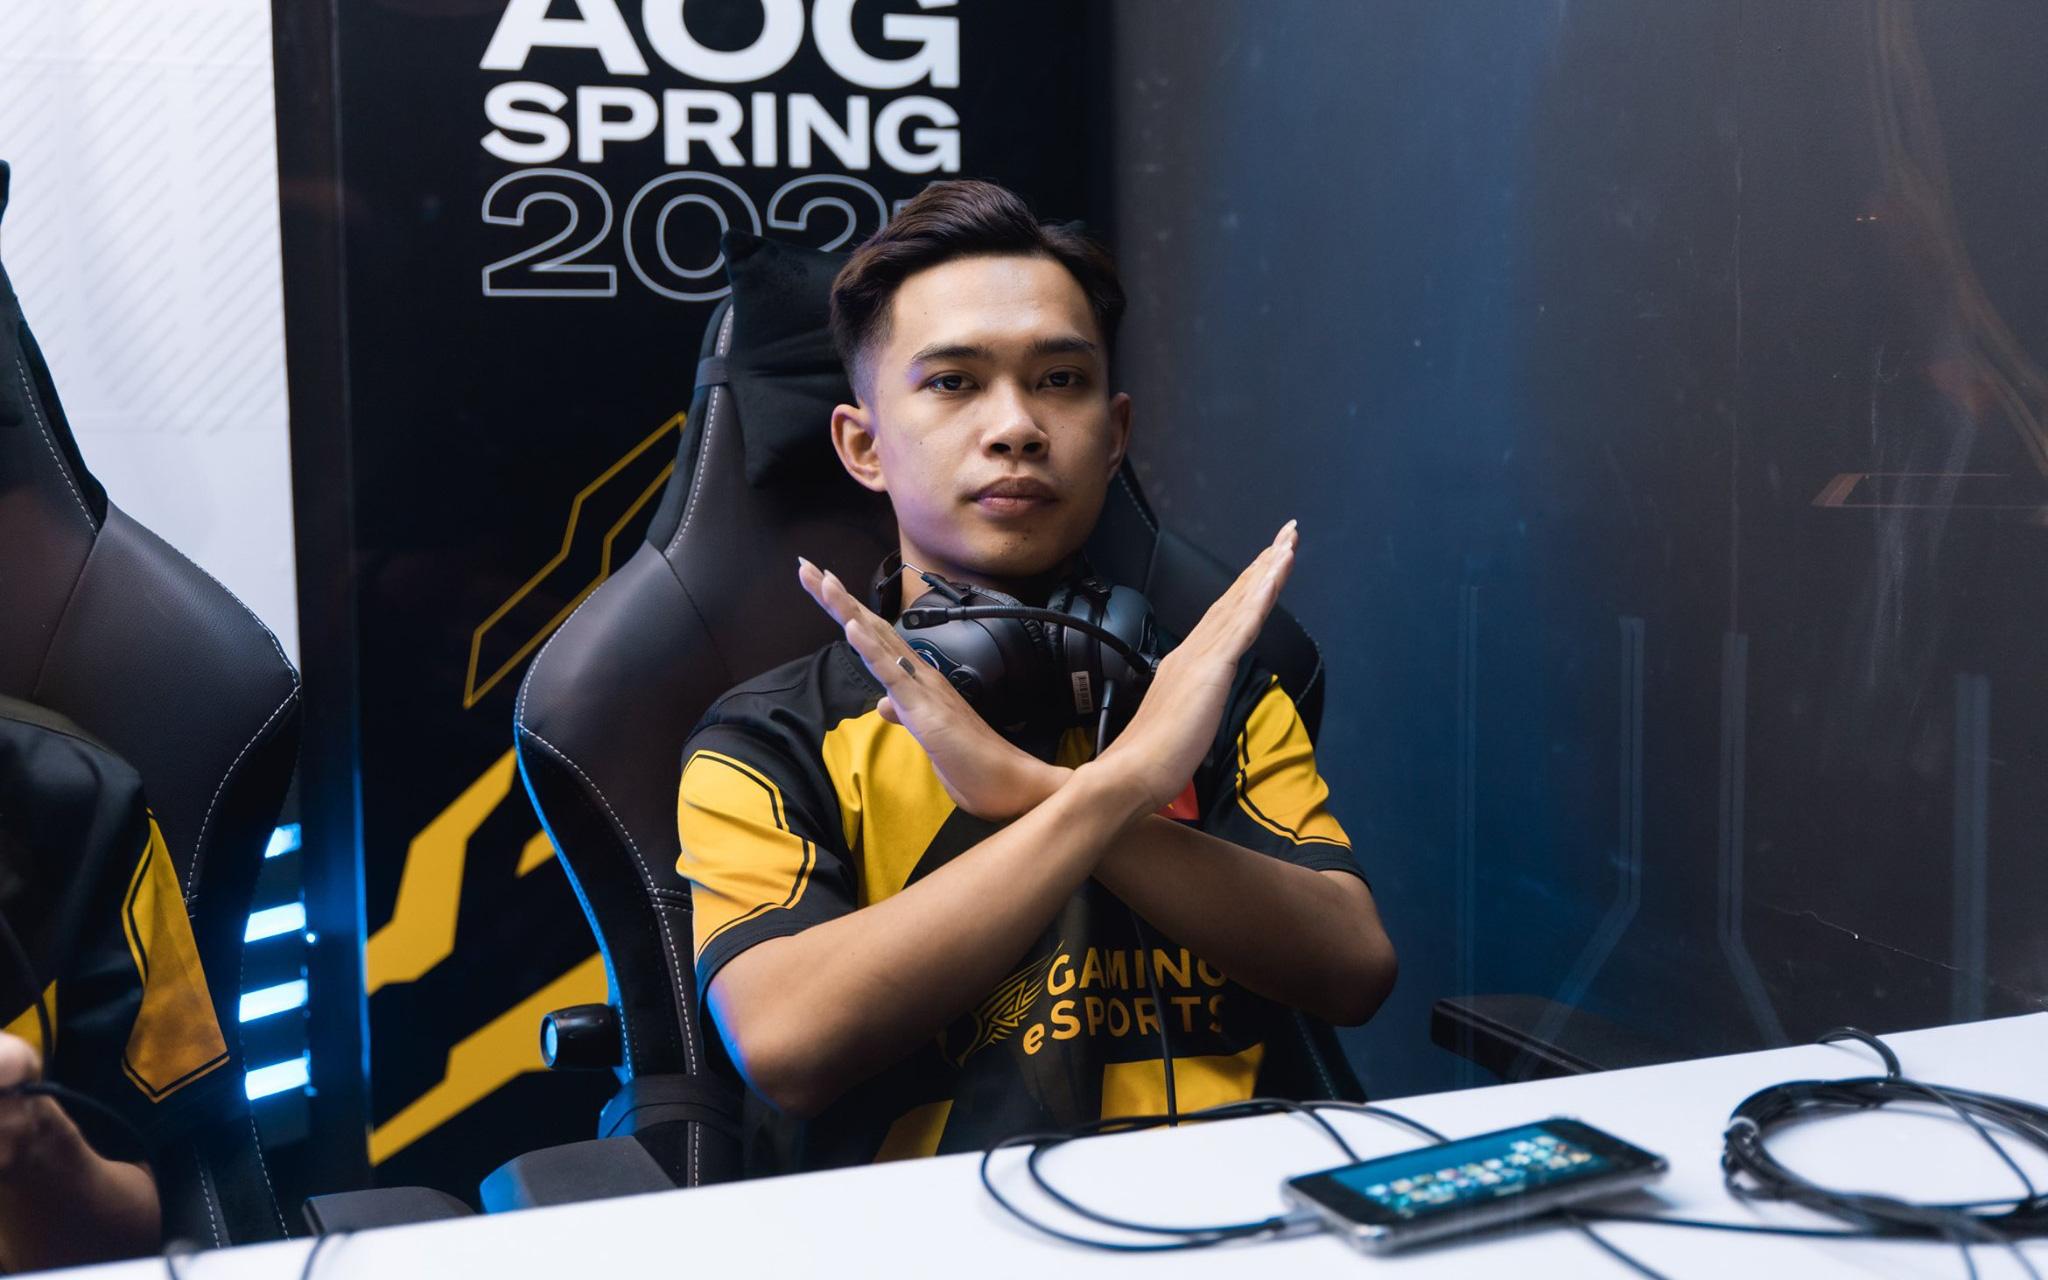 ĐTDV: Sao V Gaming gáy lớn không sợ ai phía nhà Á quân AOG